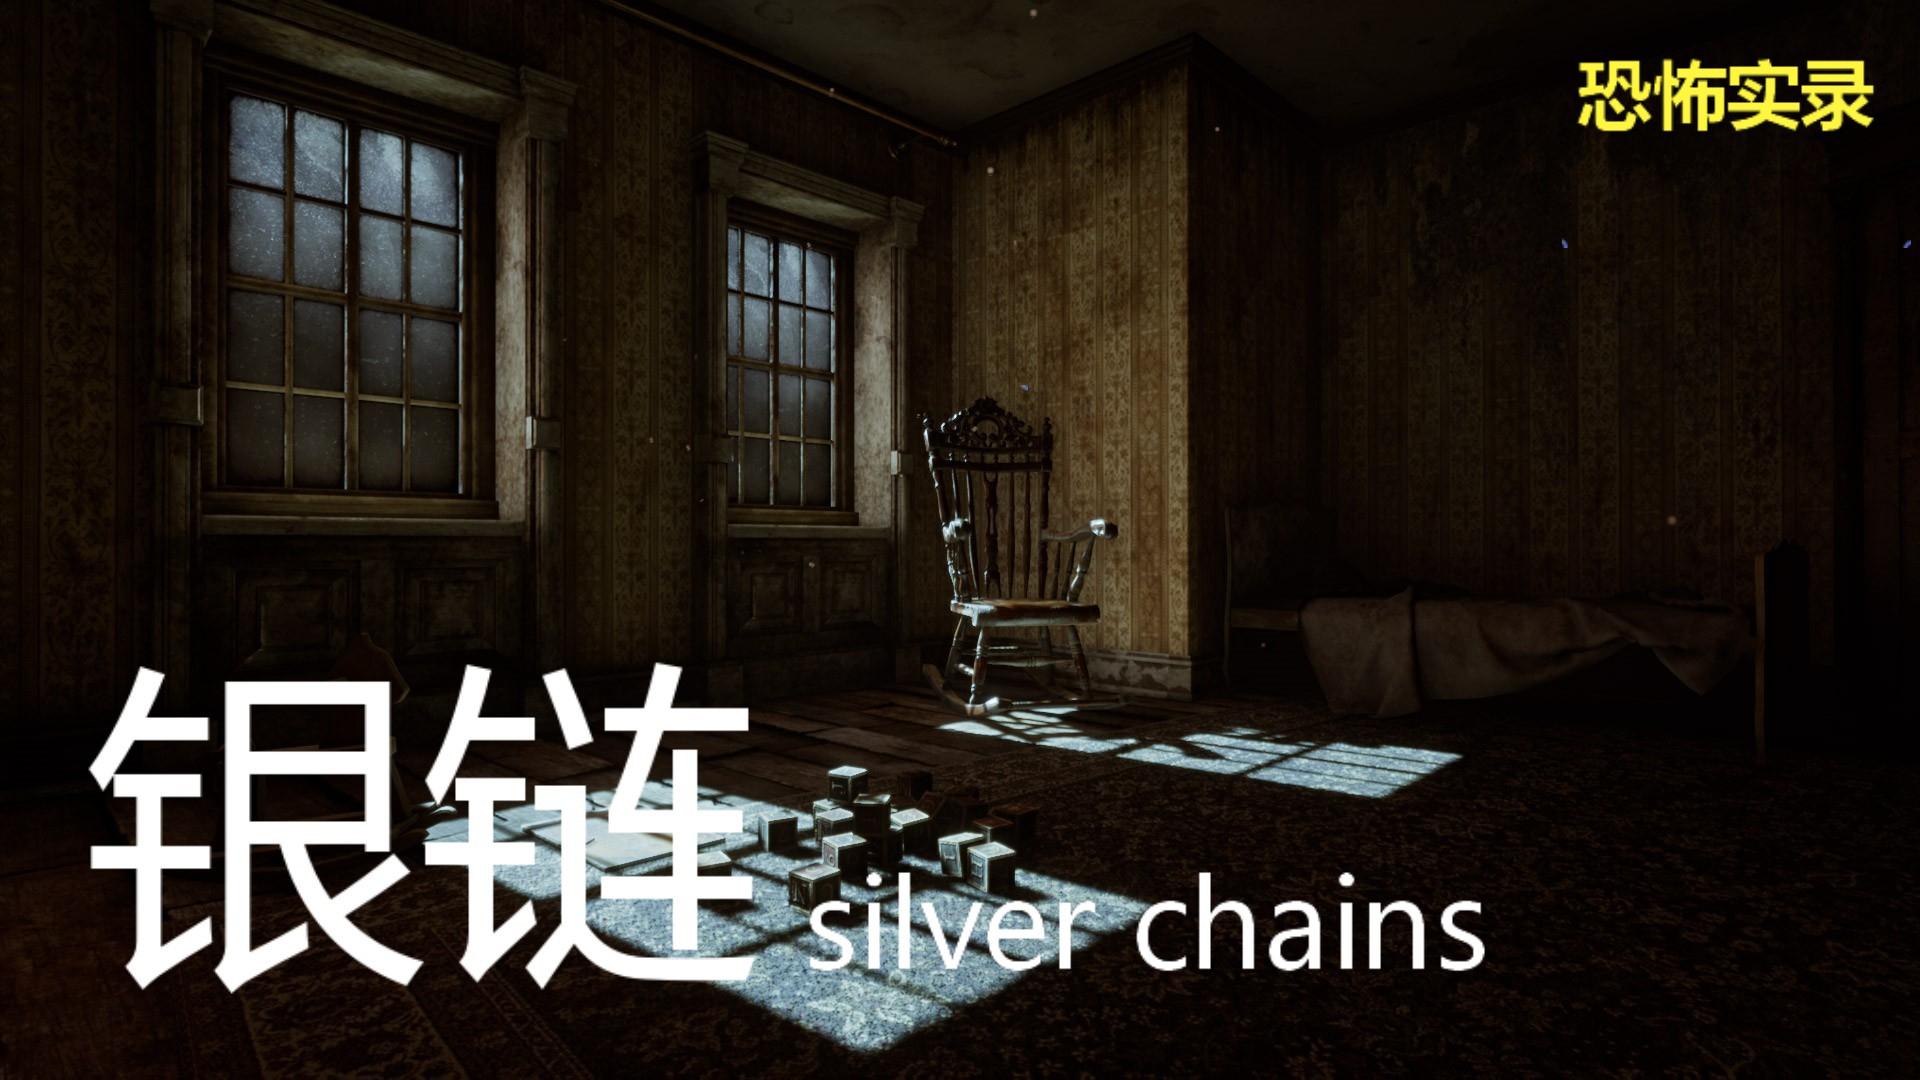 【银链】2019年最恐怖游戏《银链》实录2